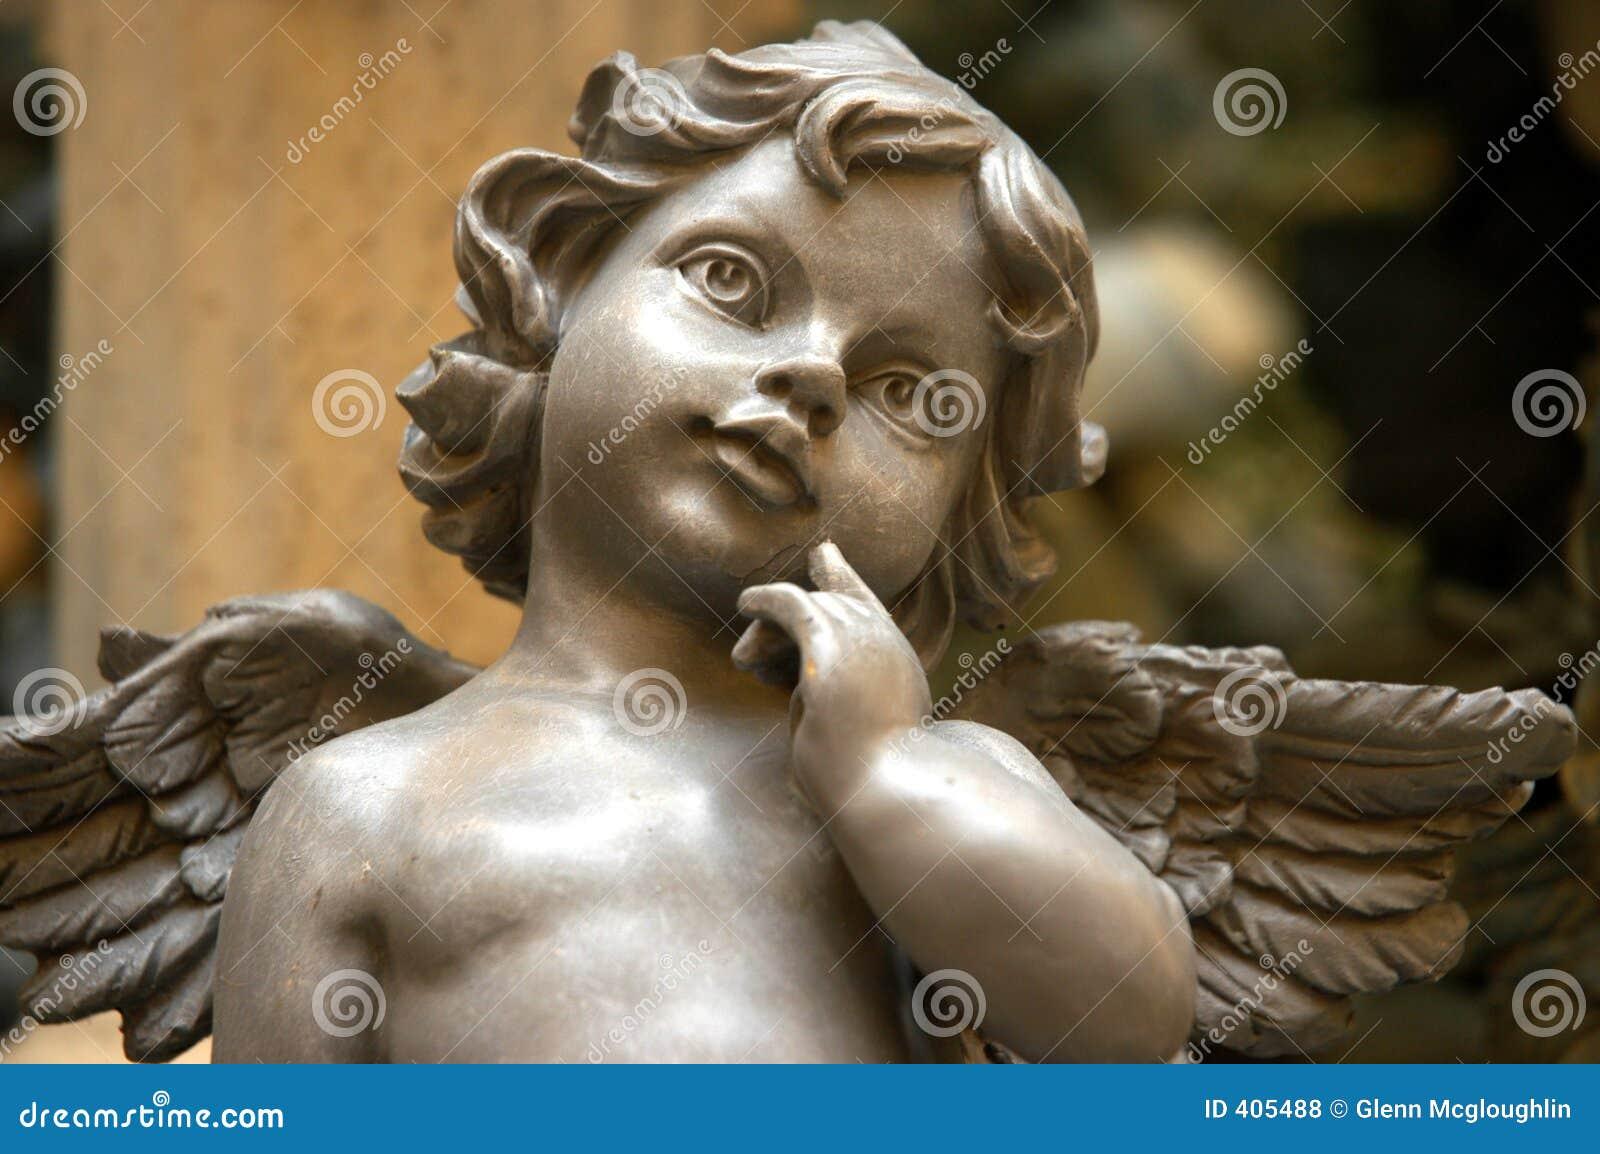 cherub angel 405488